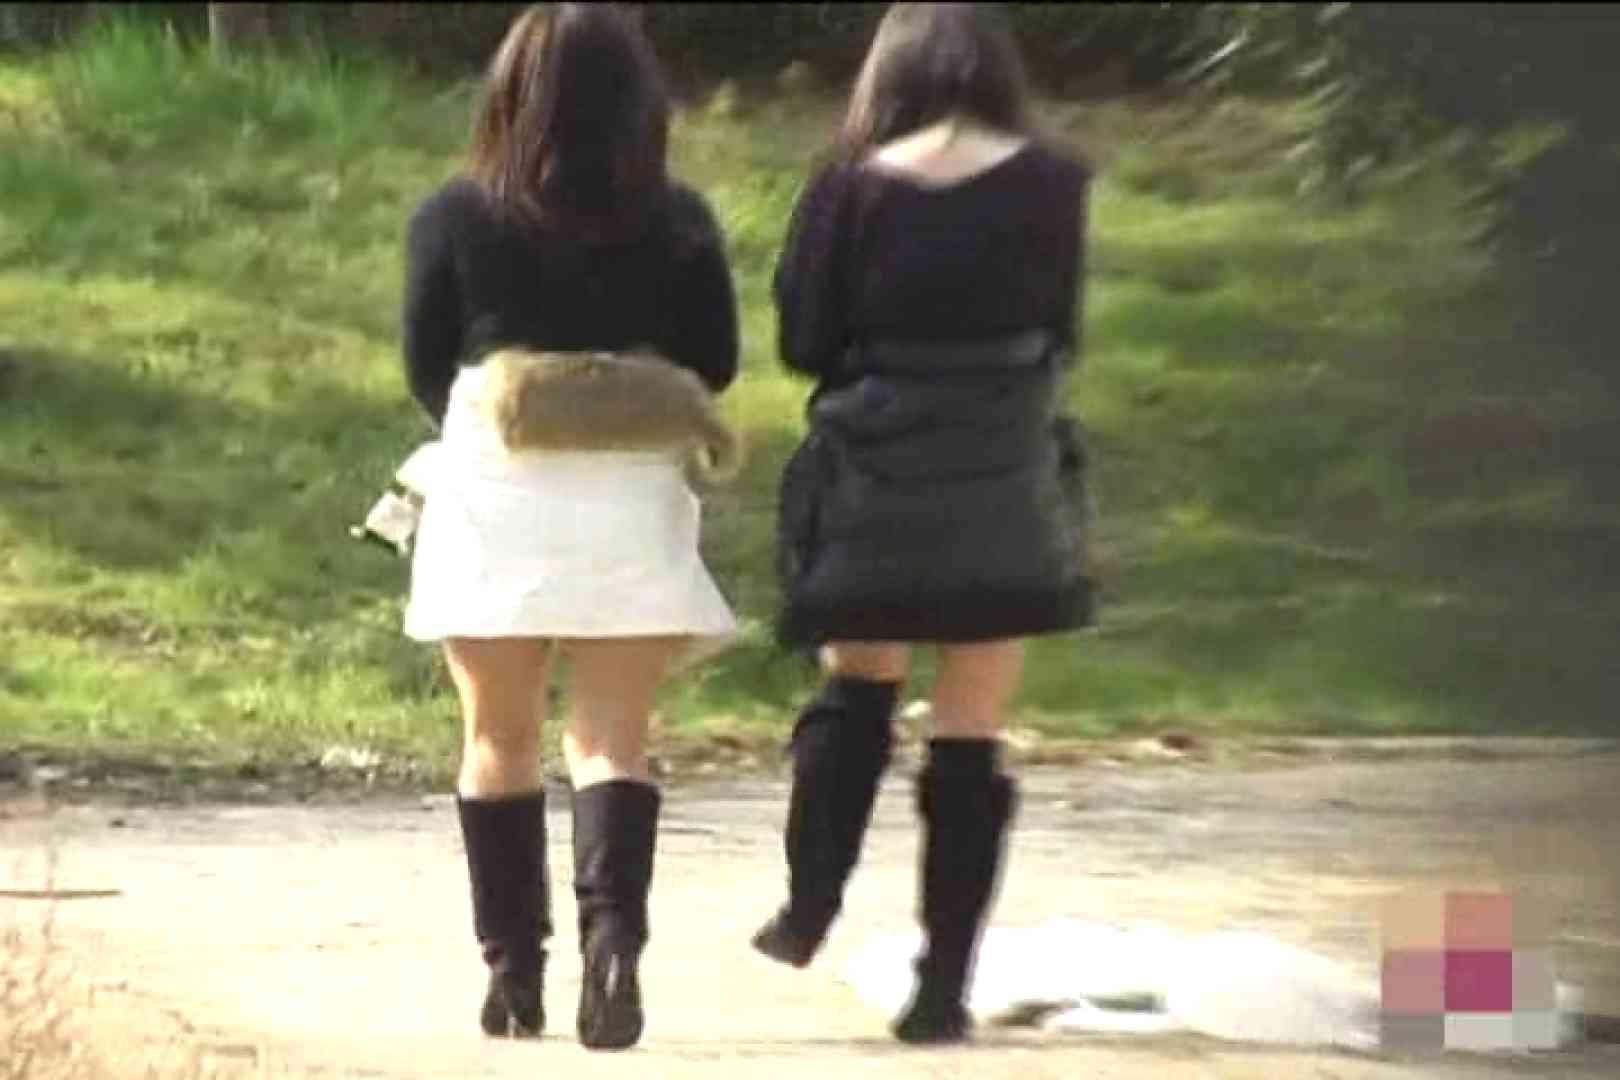 検証!隠し撮りスカートめくり!!Vol.7 OL女体  100連発 10